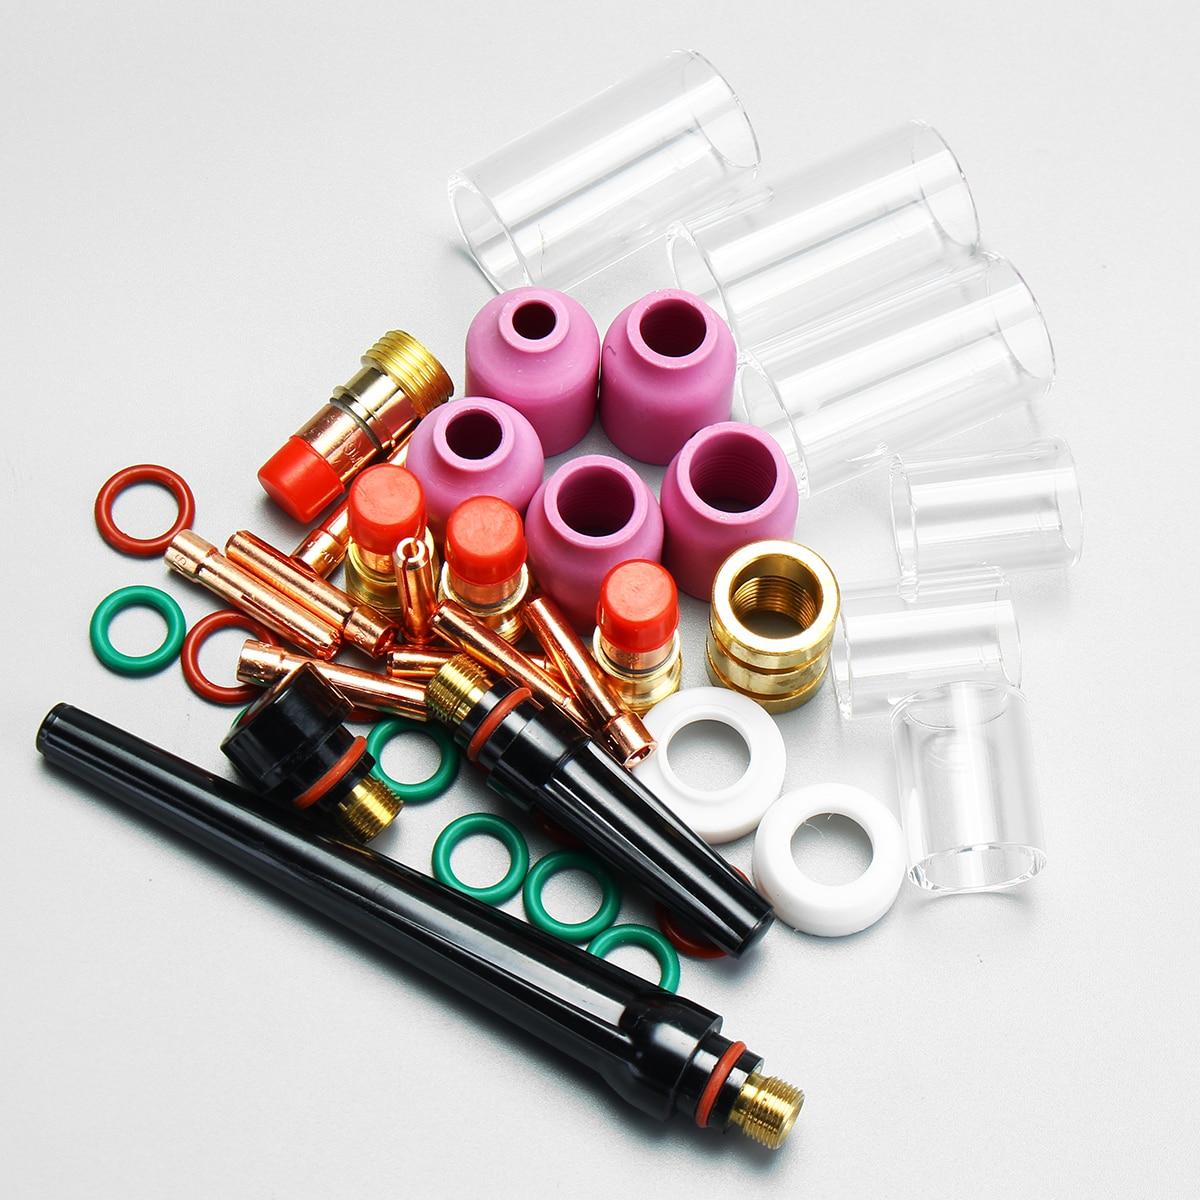 4/3 2mm Wig-schweißbrenner Stubby Gas Objektiv Glas Pyrex Tasse Kit Für Wp-17/18/26 Serie Schweißwerkzeug Zubehör Einfach Zu Verwenden 6/2 45 Stücke 1/1